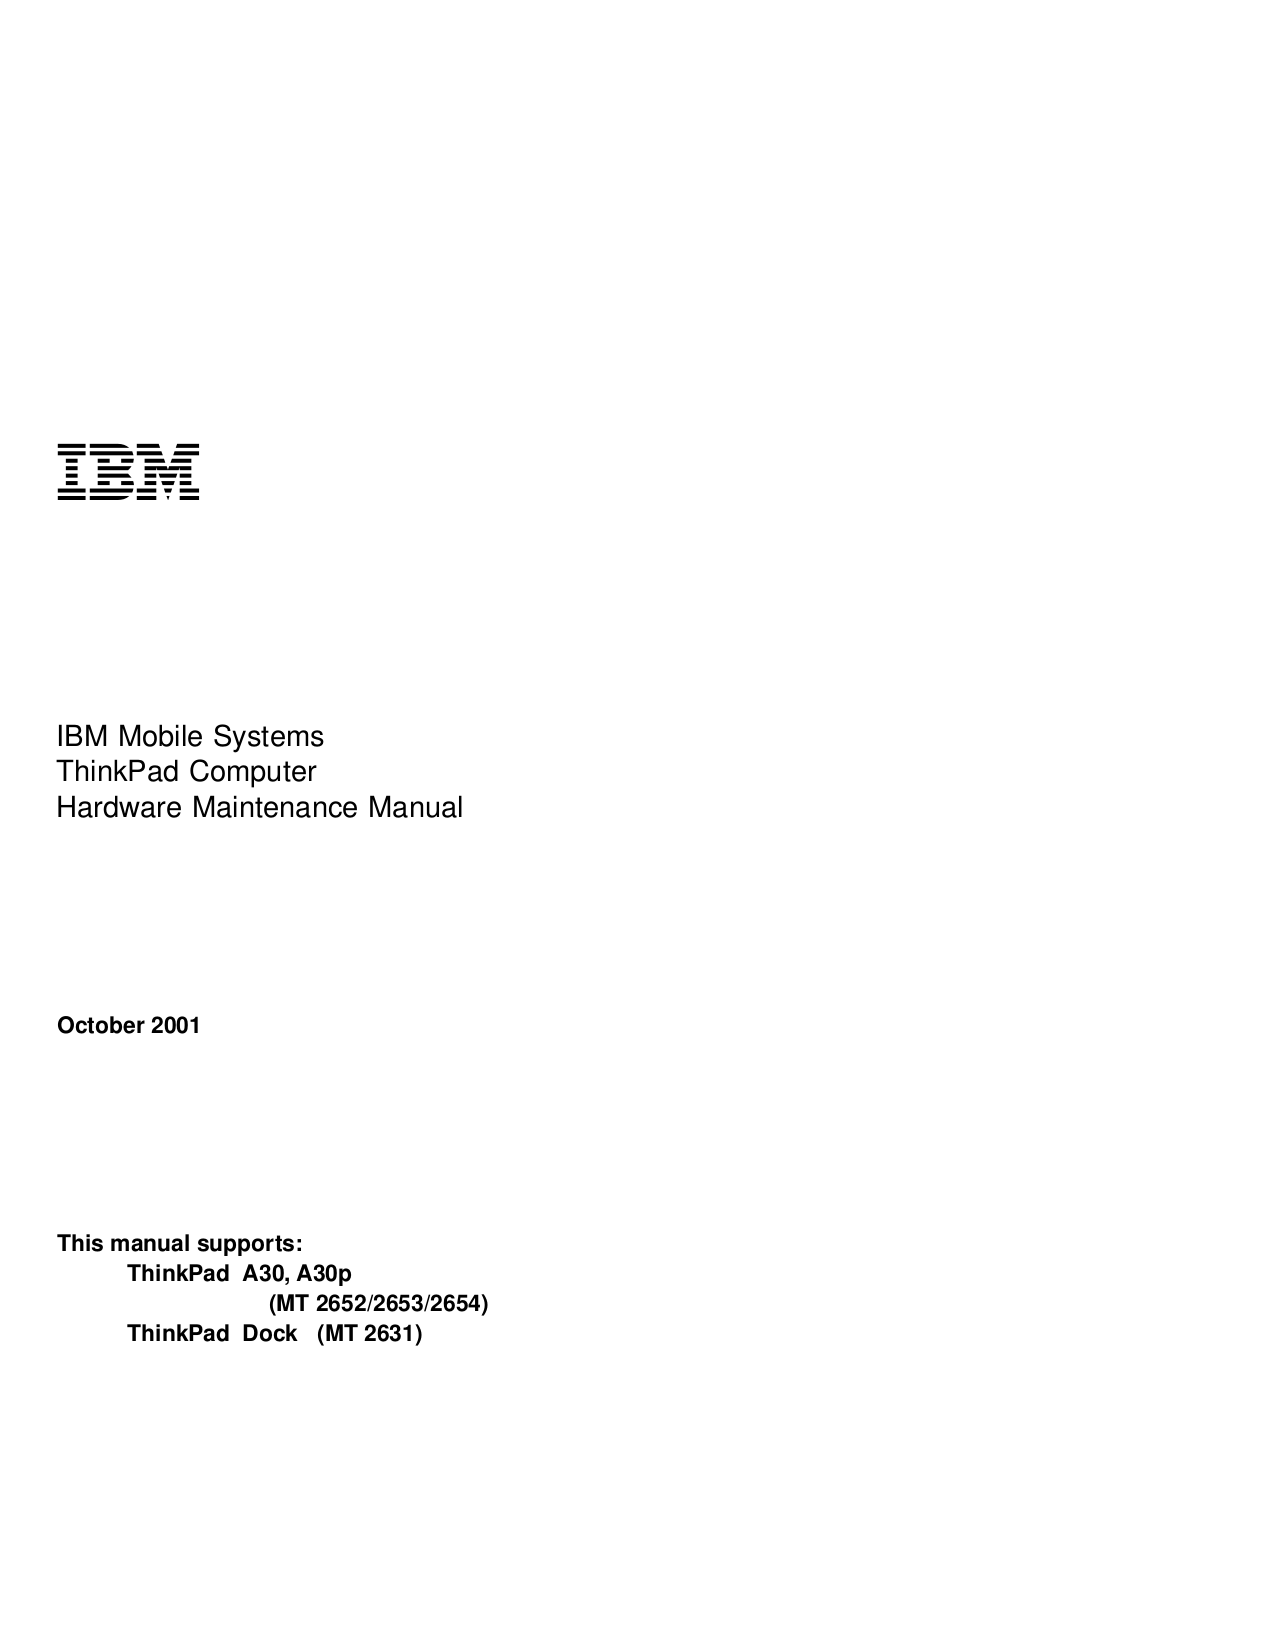 pdf for IBM Laptop ThinkPad A30p manual